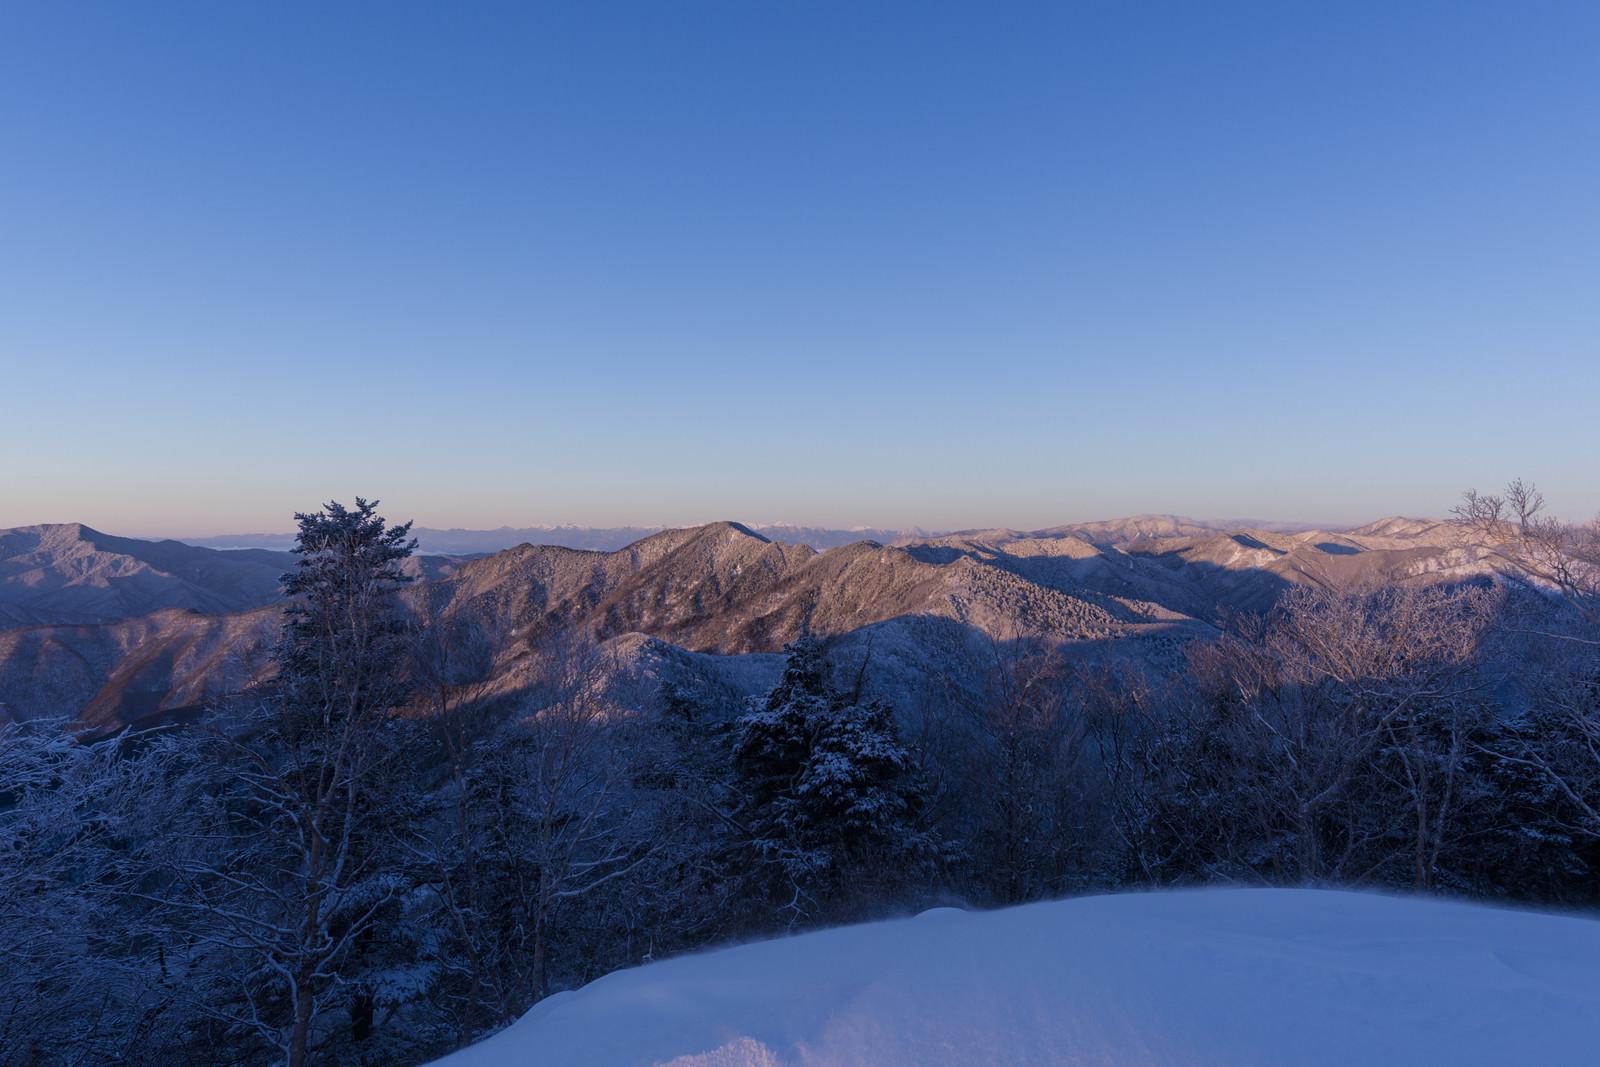 「朝日が当たる奥秩父の山々(雲取山)」の写真